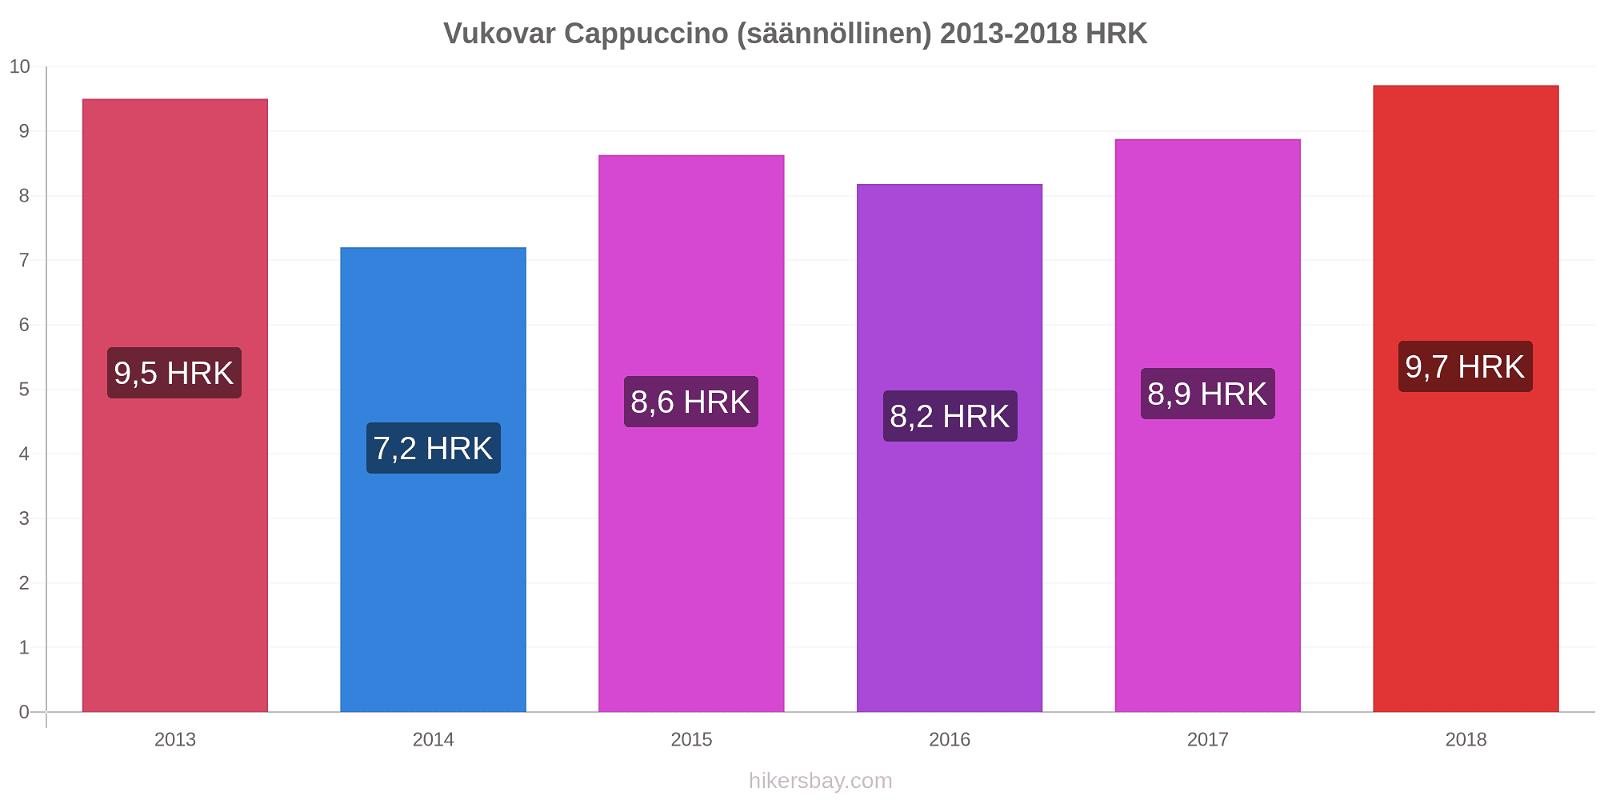 Vukovar hintojen muutokset Cappuccino (säännöllinen) hikersbay.com